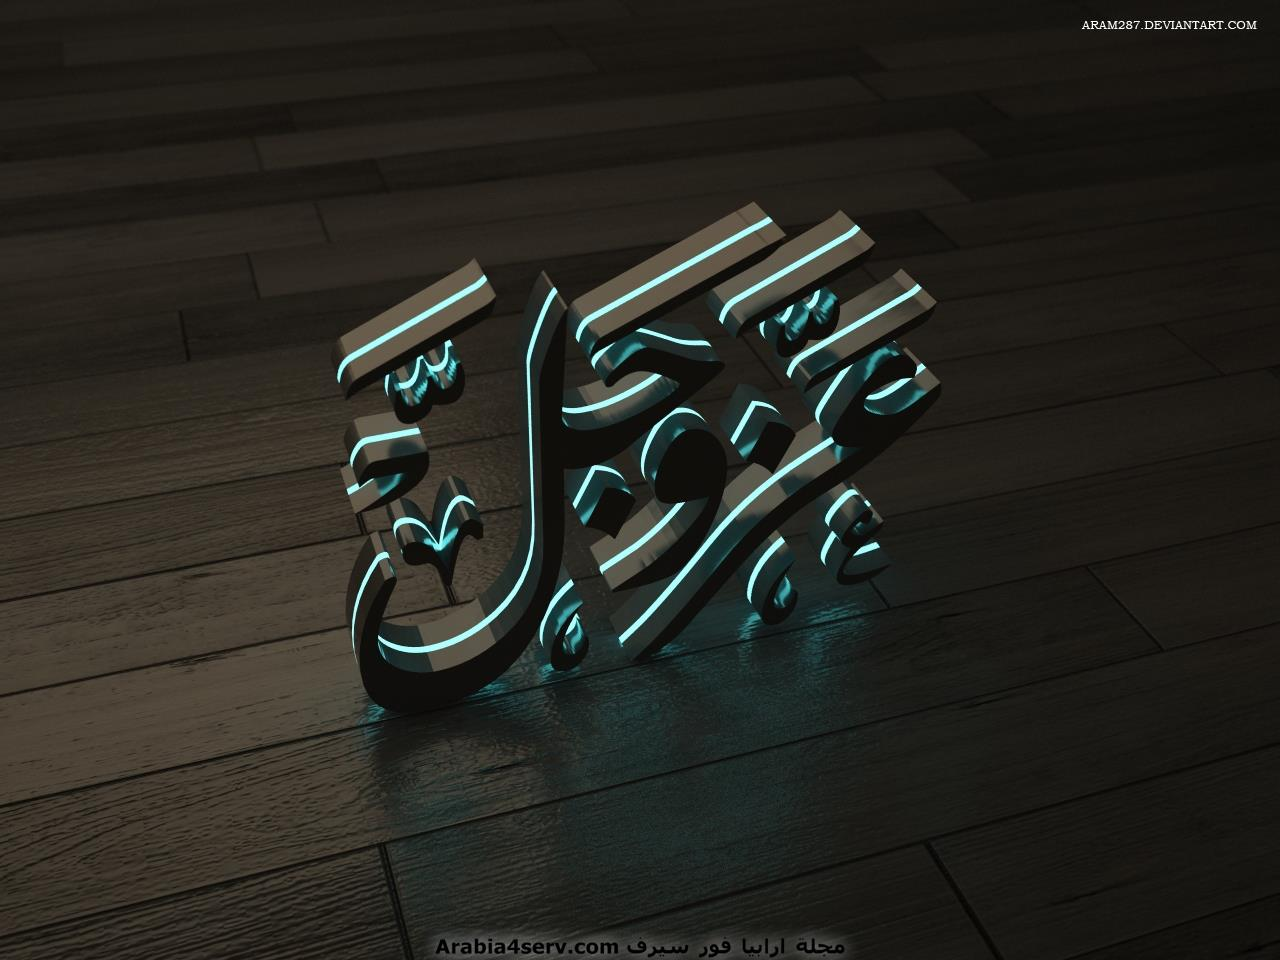 خلفيات-اسلامية-ثلاثية-الابعاد-3D-للاب-توب-و-الكمبيوتر-و-الموبايل-4